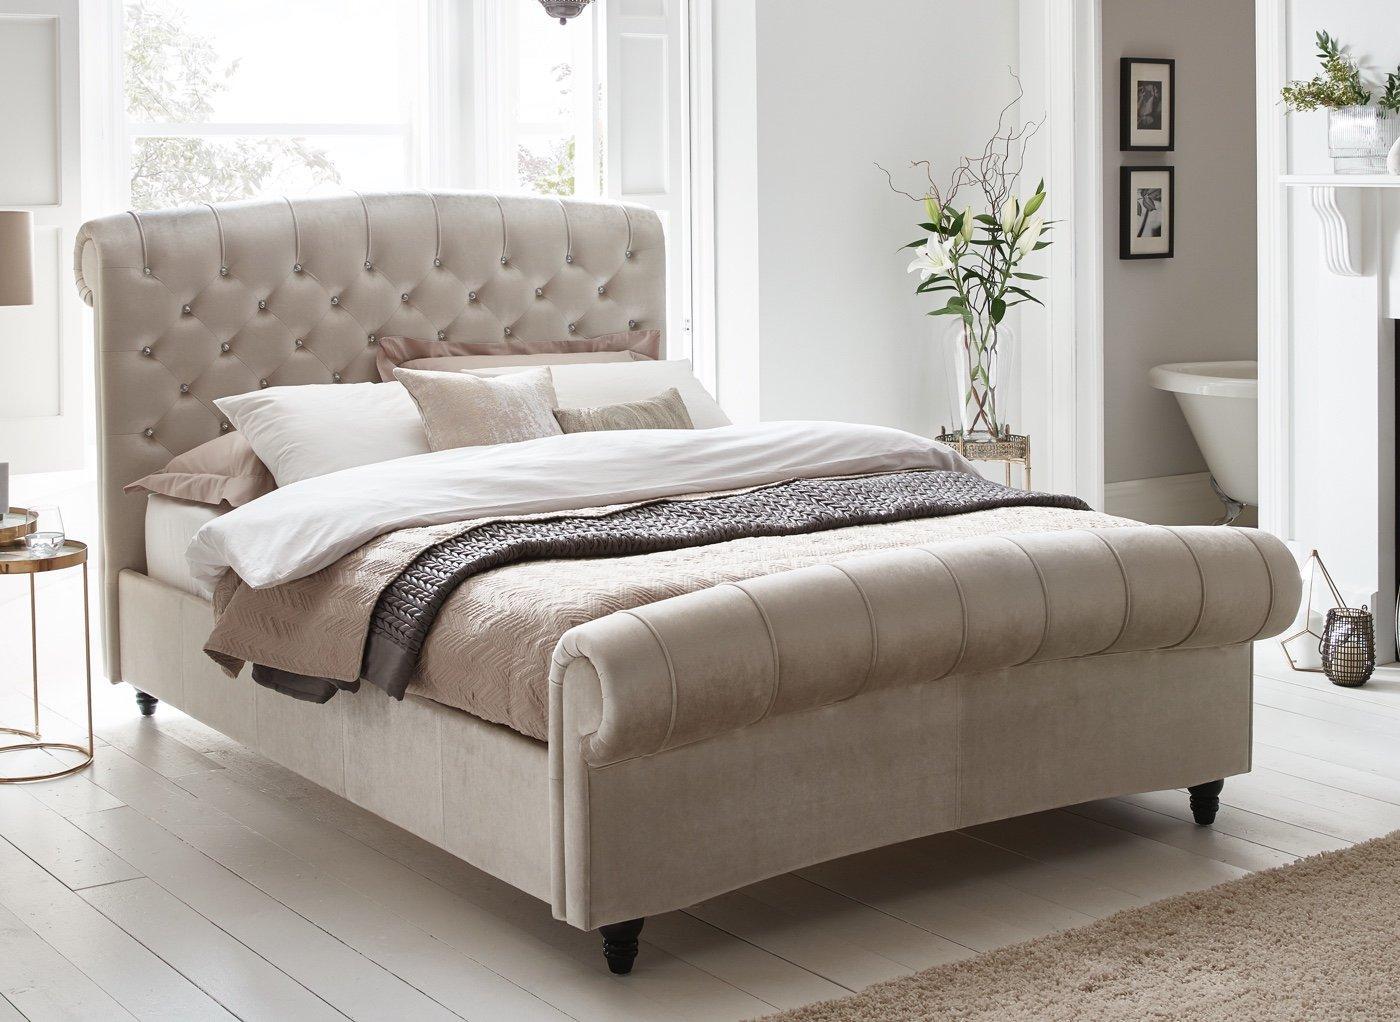 Ellis Upholstered Bed